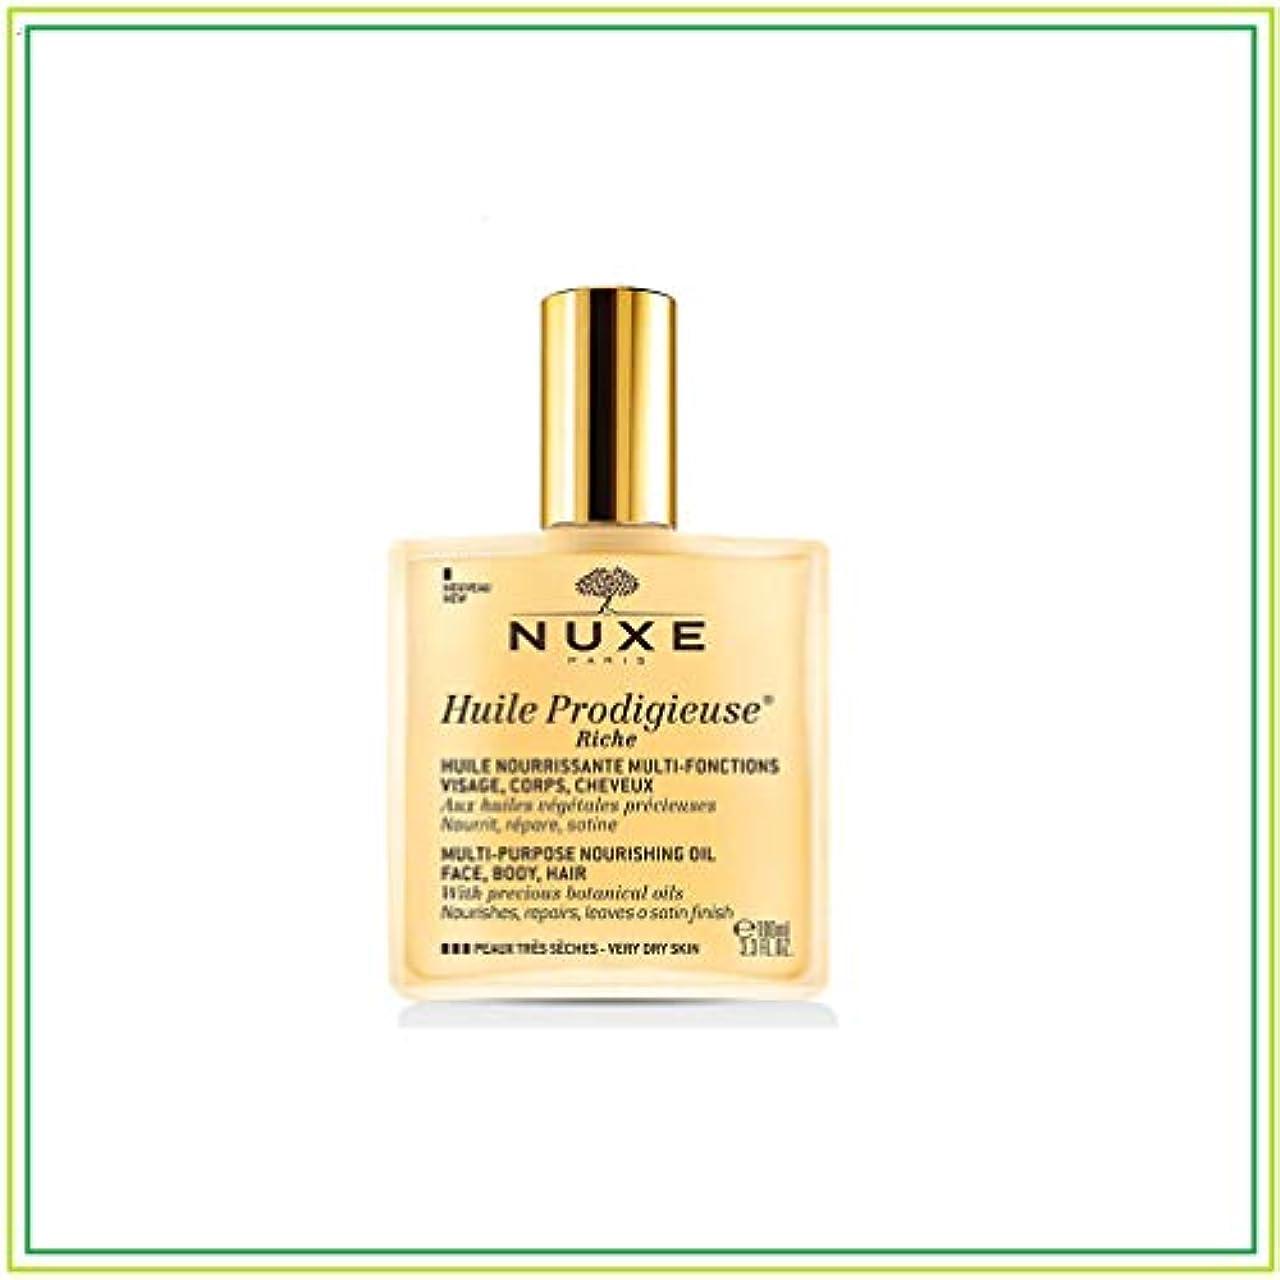 合図撤退説明ニュクス(NUXE) 数量限定 プロディジューオイル リッチ 100mL 国内正規品